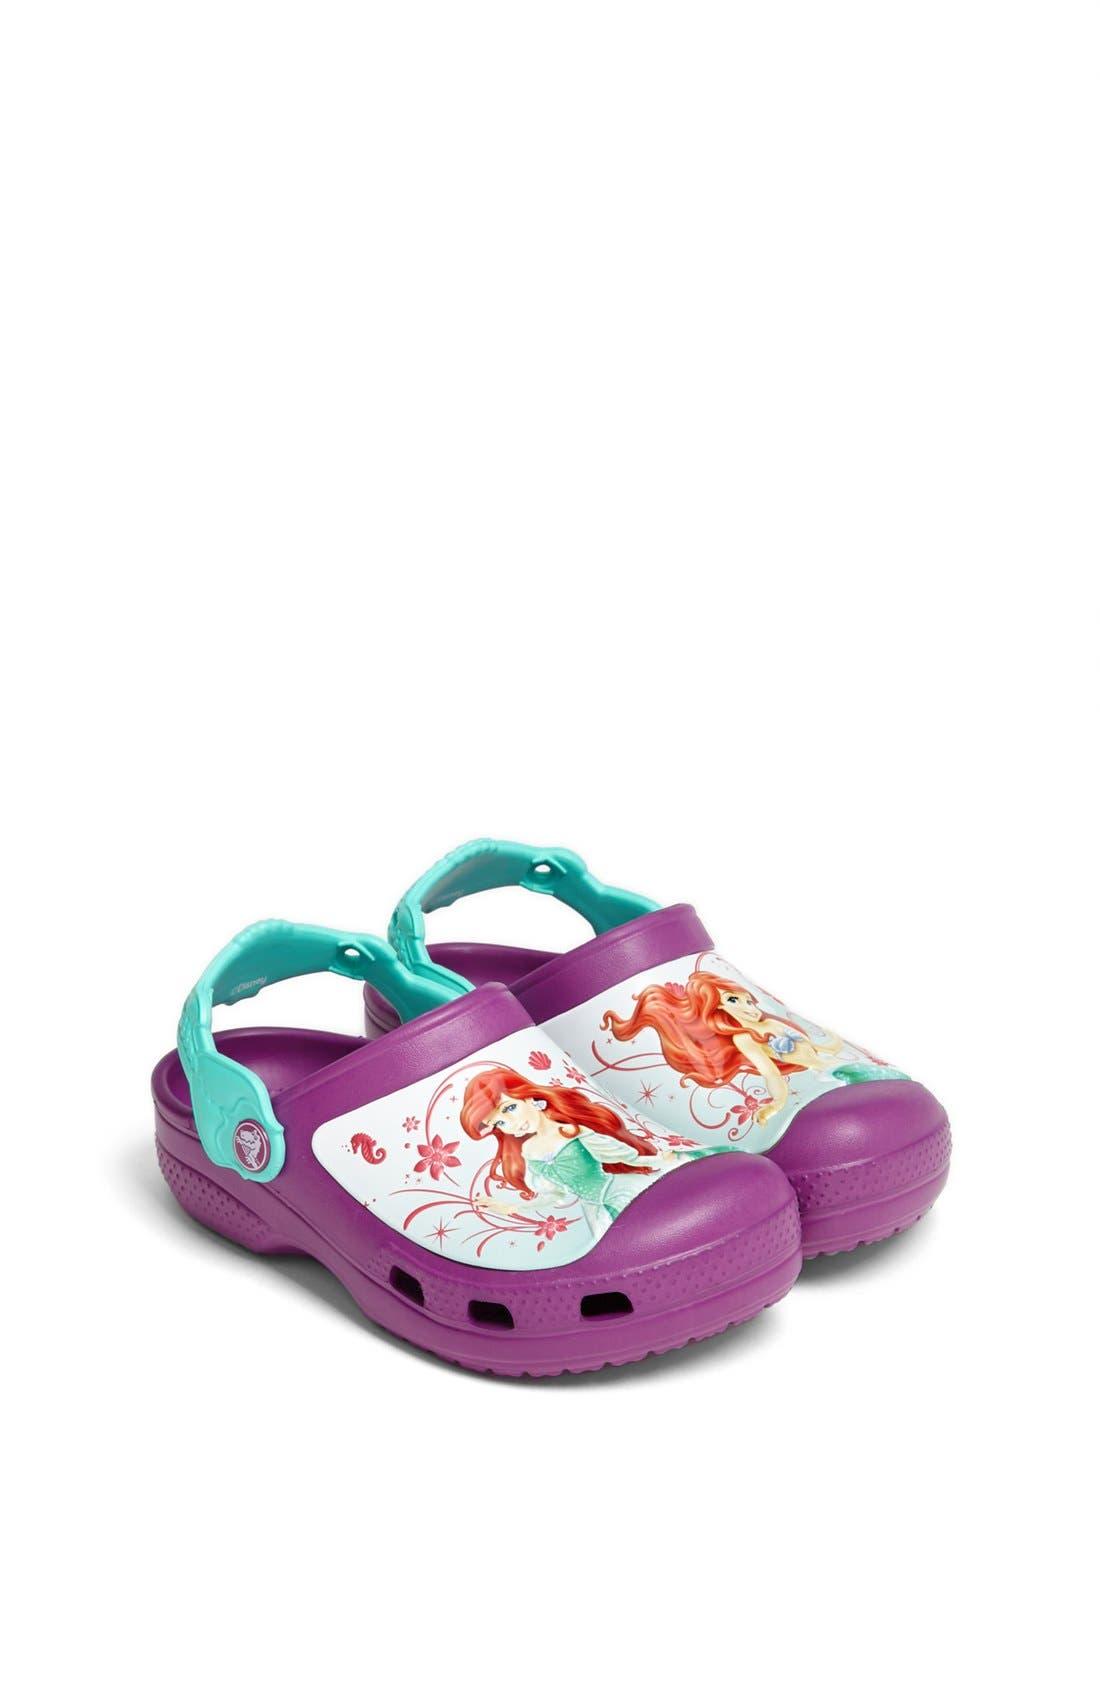 Alternate Image 1 Selected - CROCS™ 'Ariel' Clog (Walker, Toddler &  Little Kid)